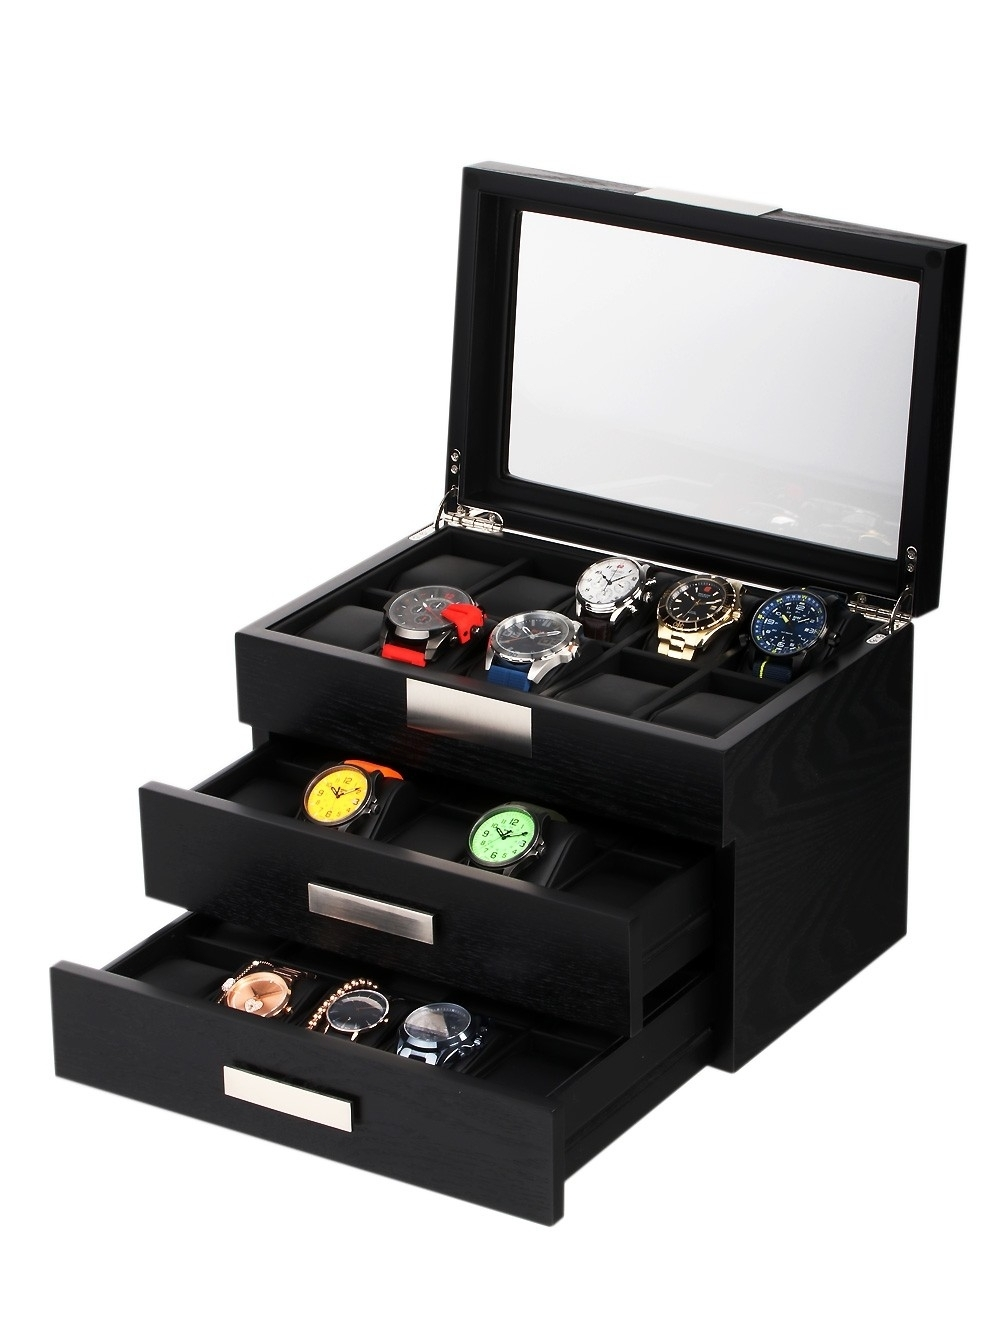 rothenschild uhrenbox rs-2350-30bl für 30 uhren black